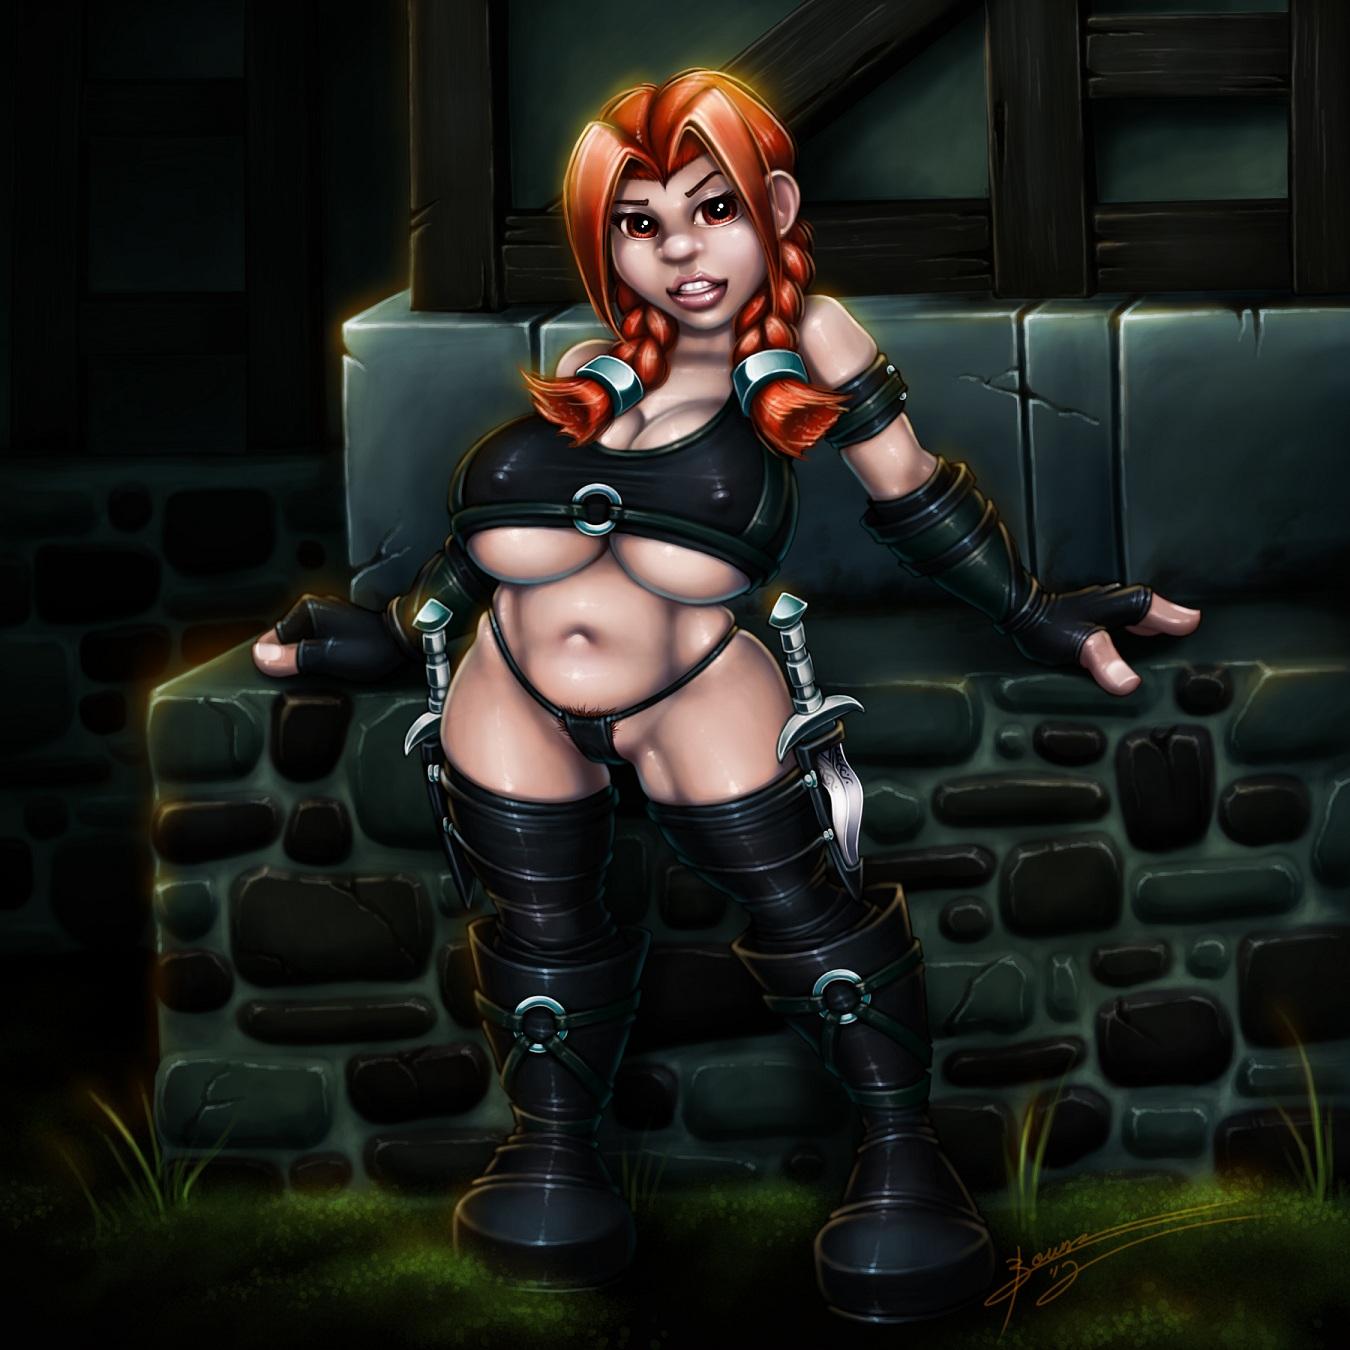 World of warcraft dwarf pic e-henti fucking gallery